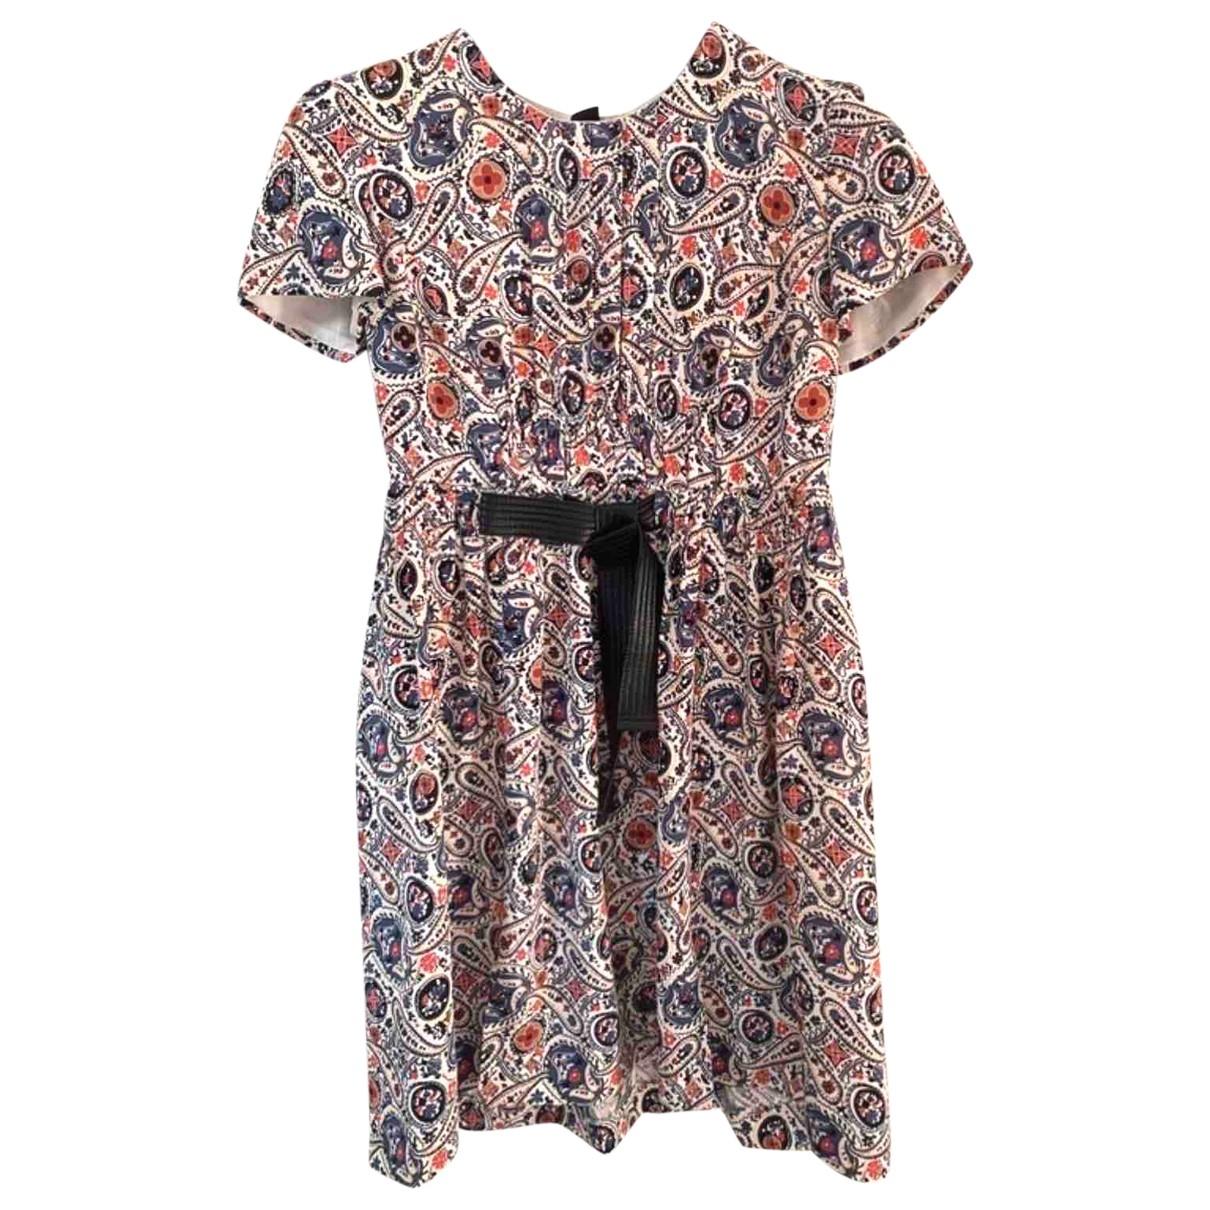 Louis Vuitton - Robe   pour femme en soie - multicolore